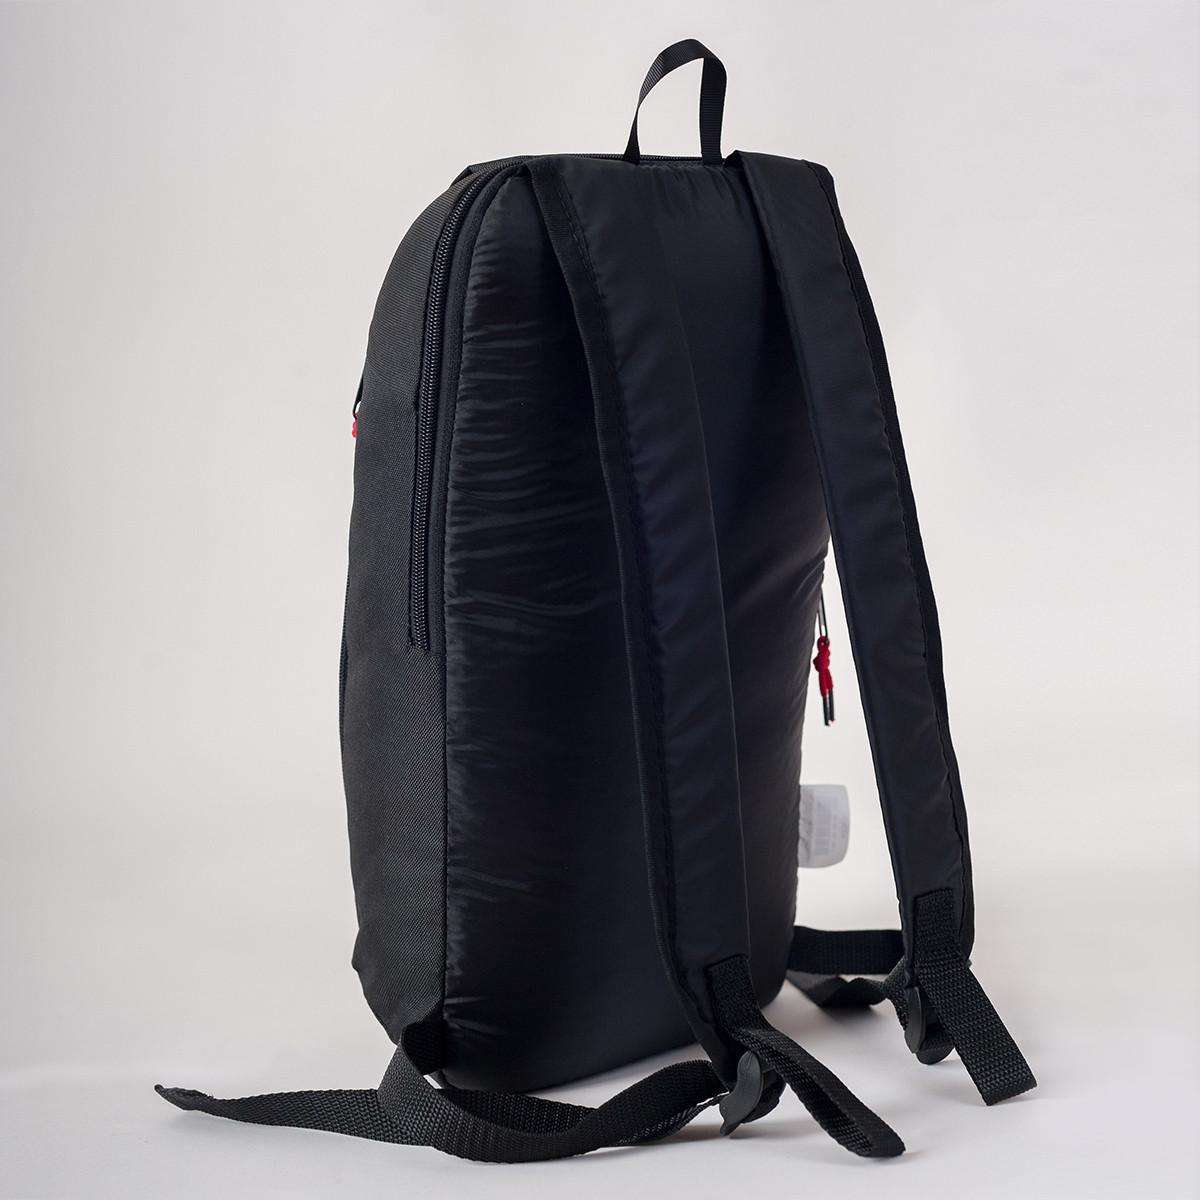 Спортивный рюкзак MAYERS 10L, черный / черная молния, фото 3